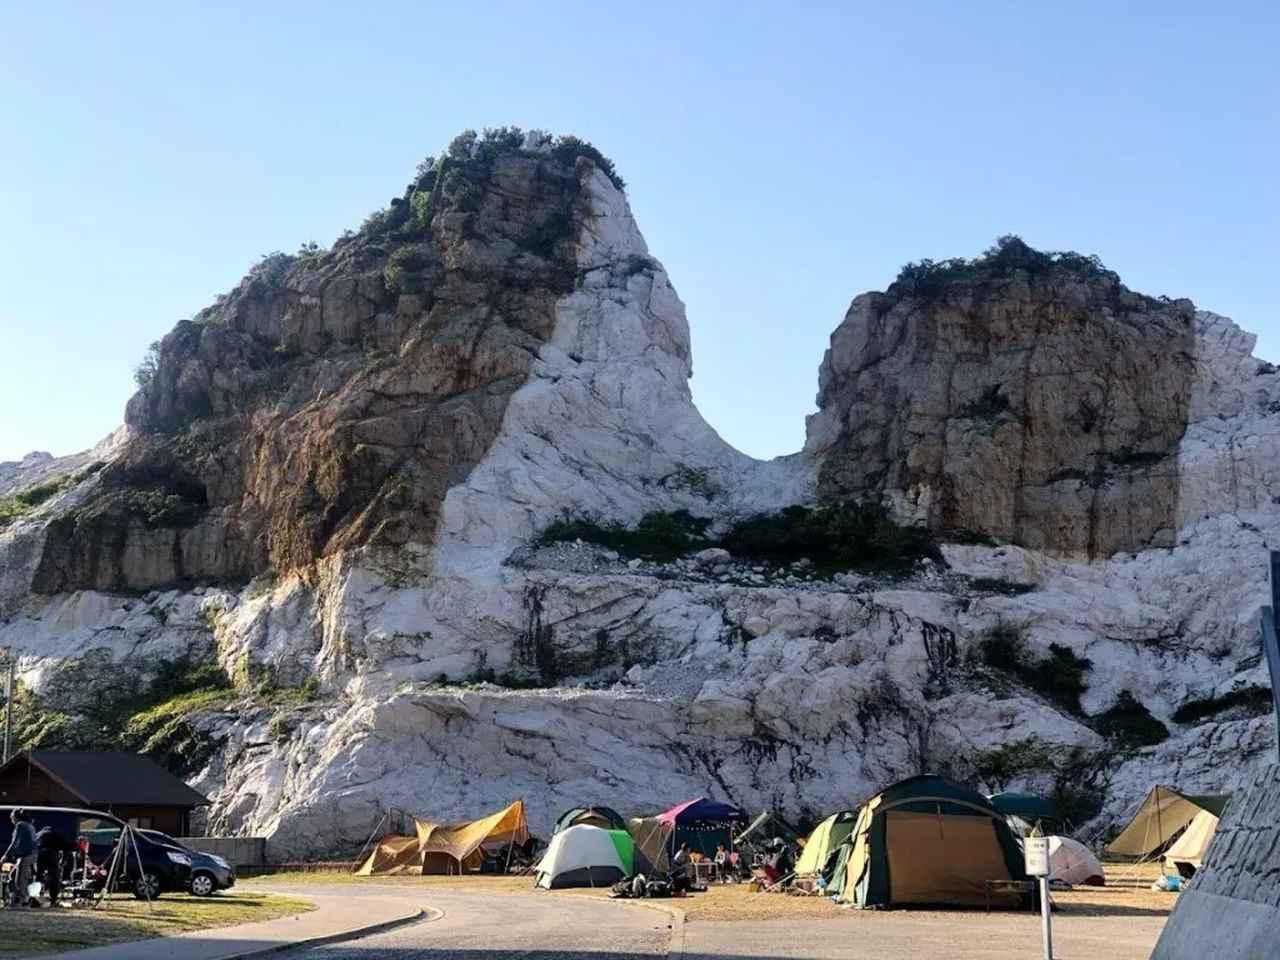 画像3: 愛知県から「和歌山城カブオーナーズミーティング」を目指してシタミチ300km。